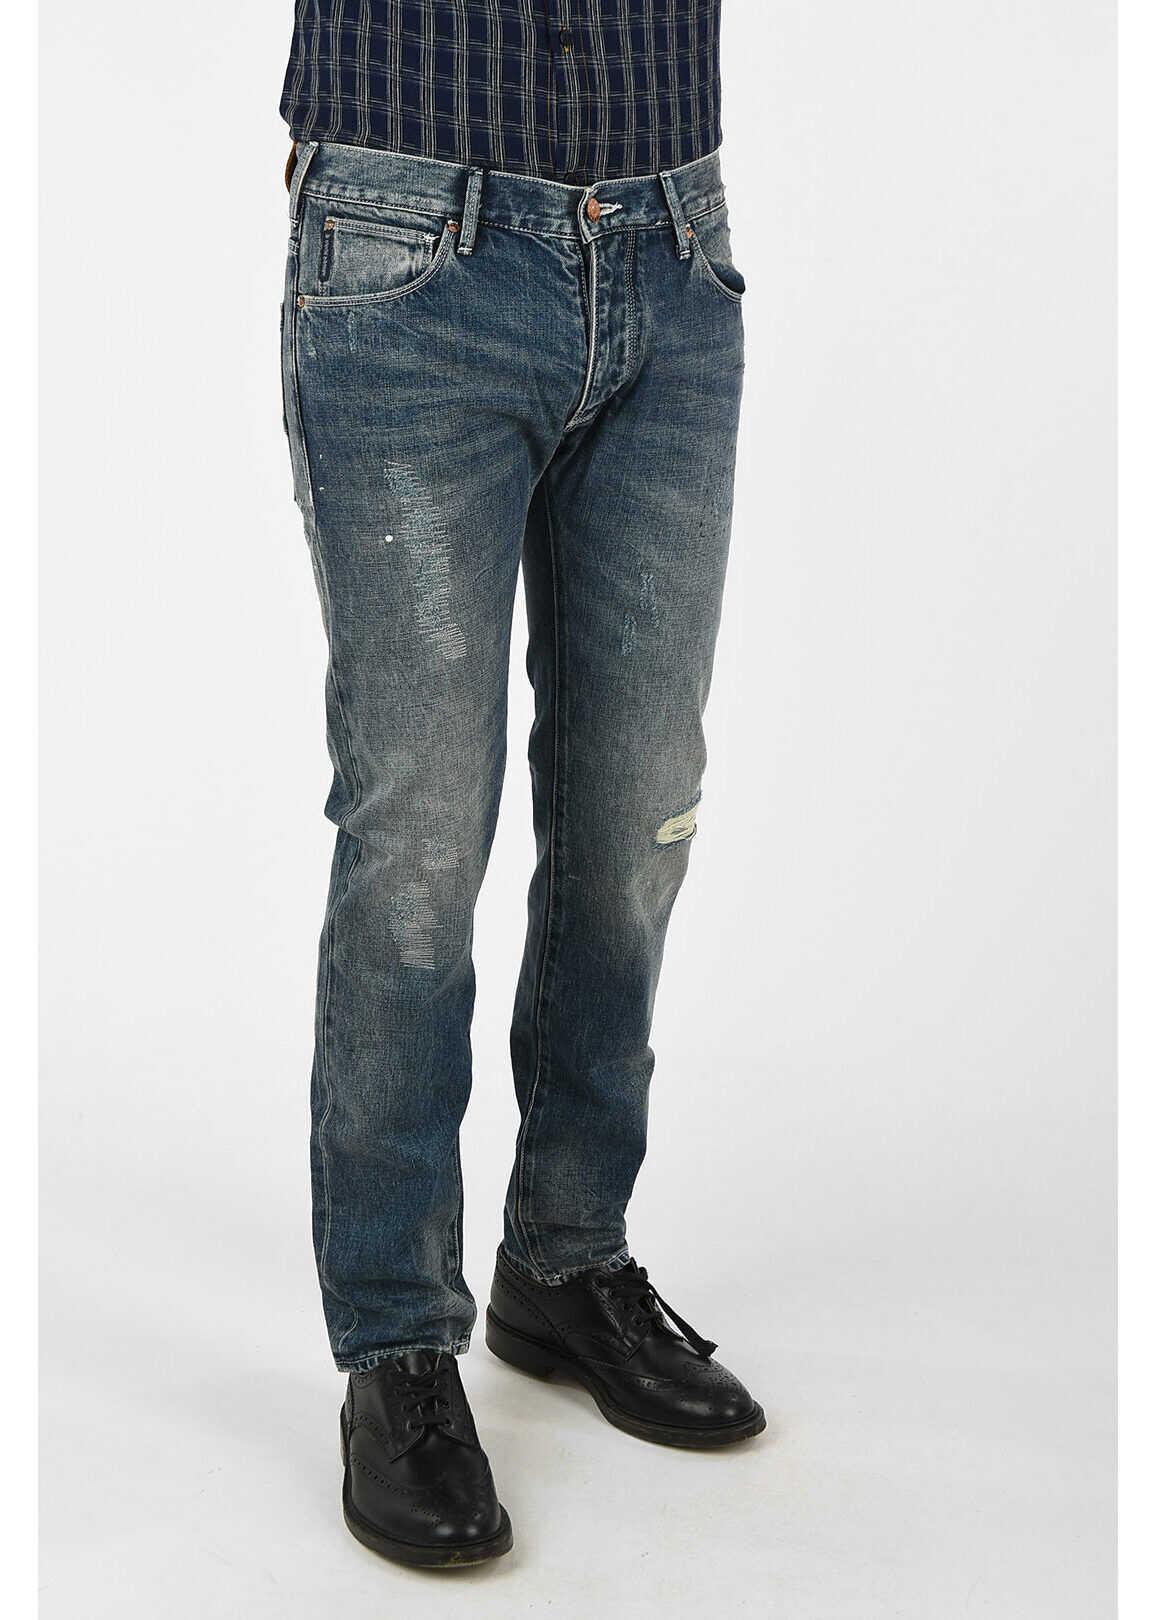 Armani ARMANI JEANS 18cm Distressed Jeans L 34 BLUE